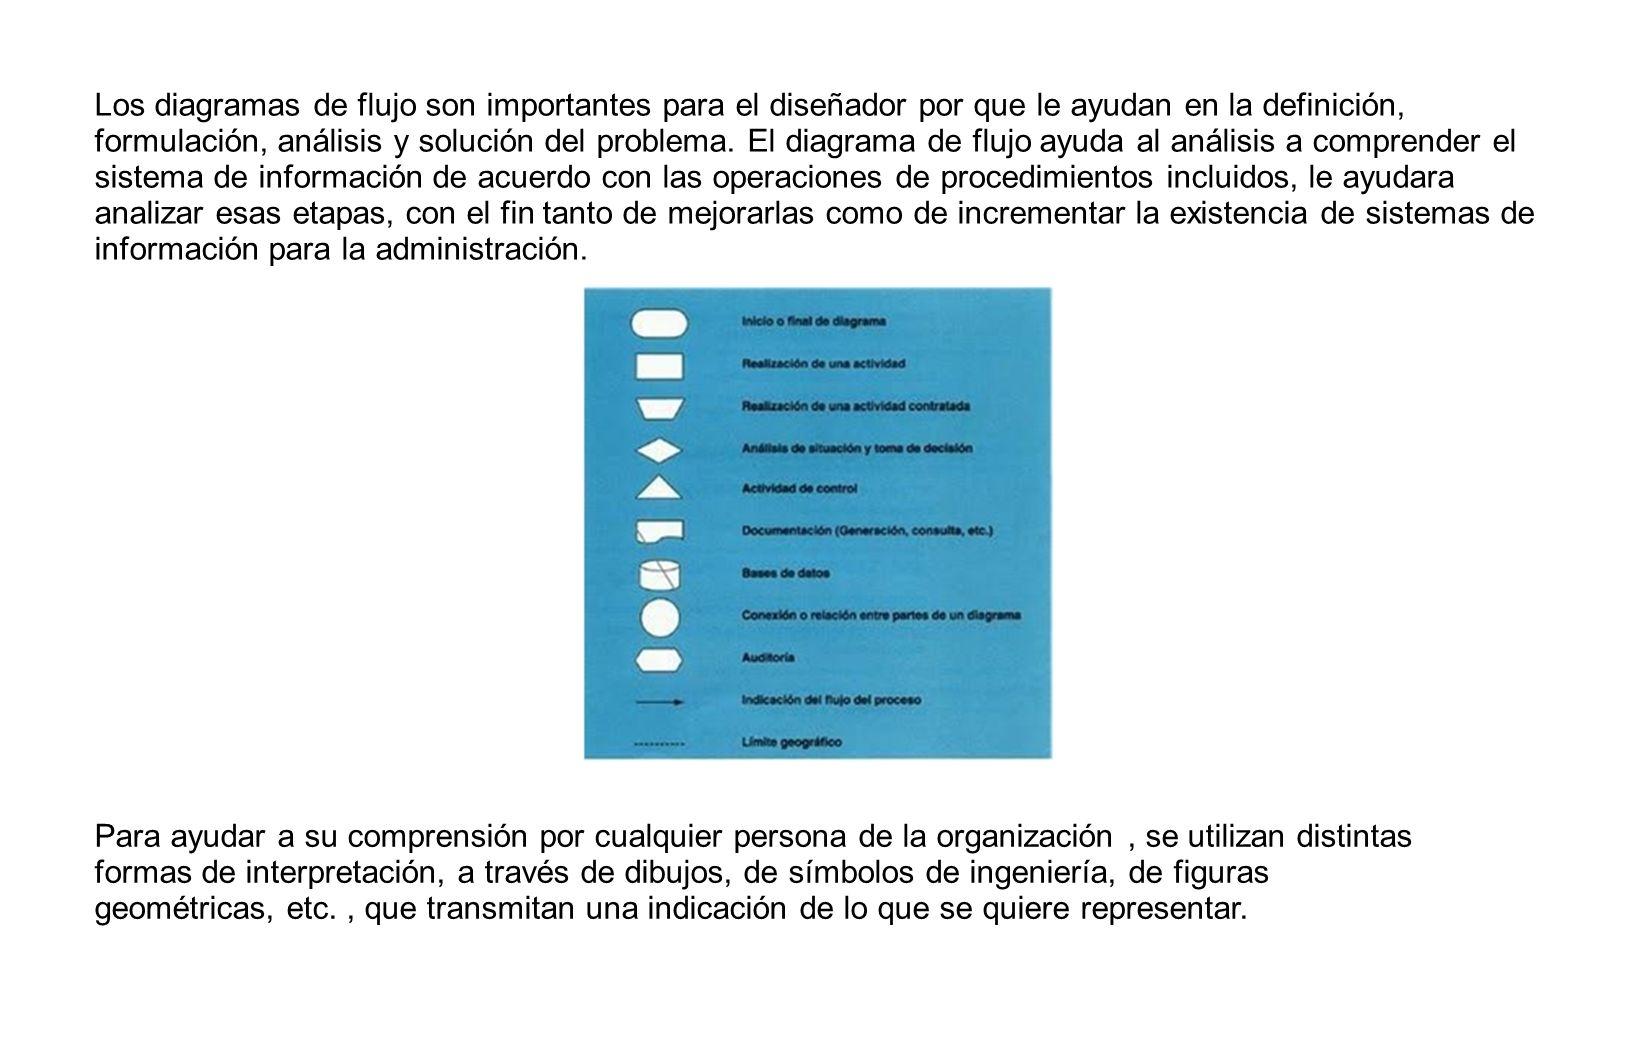 8.-A destacar el uso de los diagramas de flujo al establecer la gestión del conocimiento en una empresa de consultoria donde trabaje como asesor freelance.